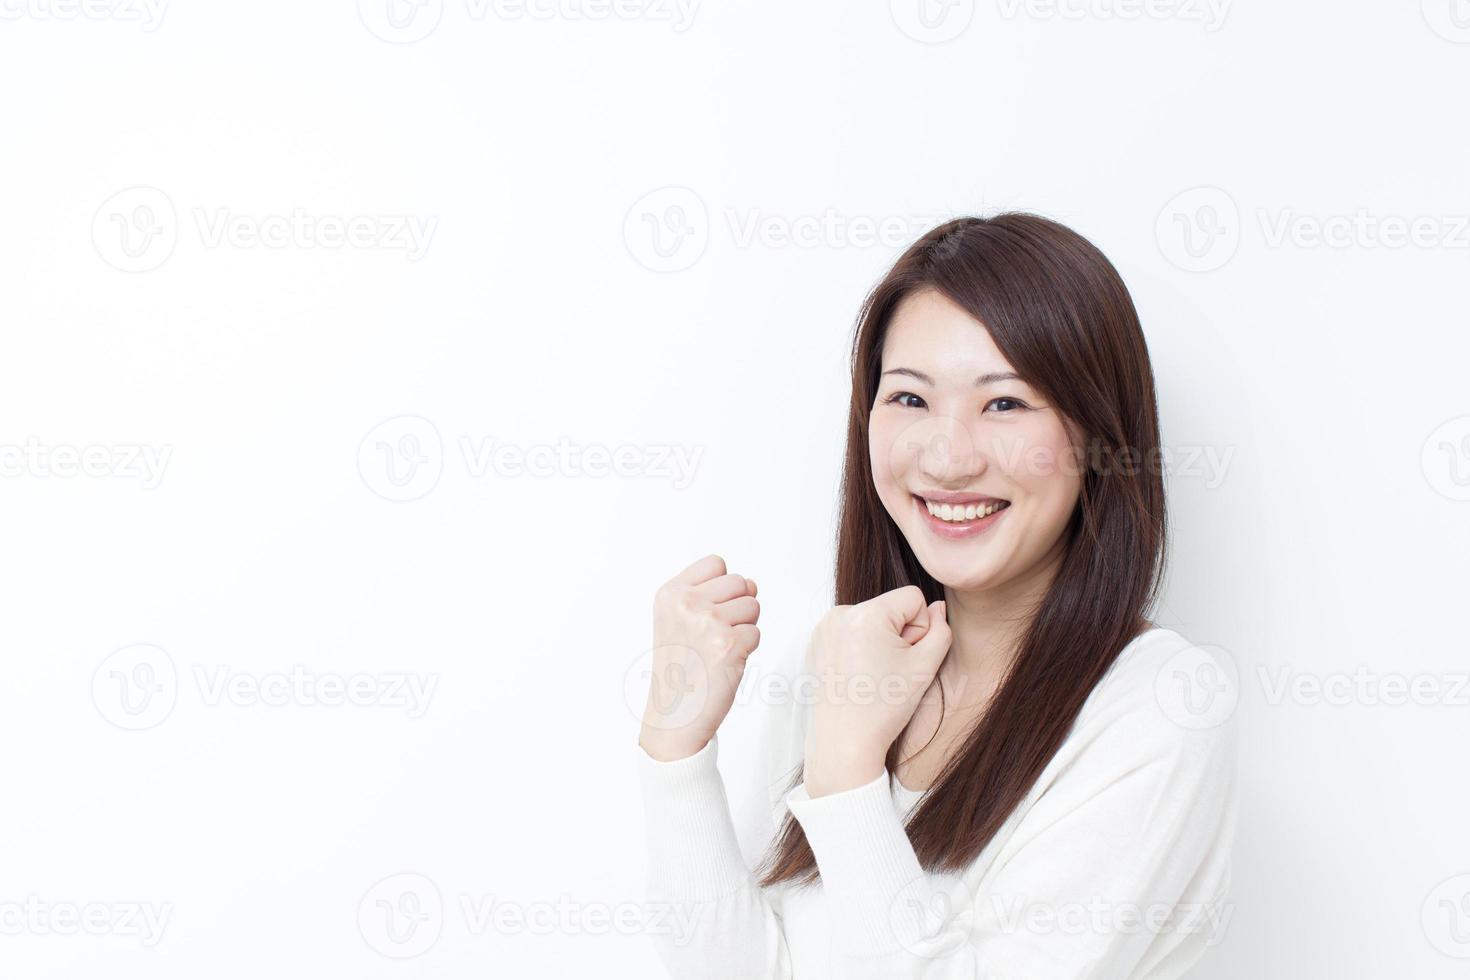 femme asiatique heureuse photo